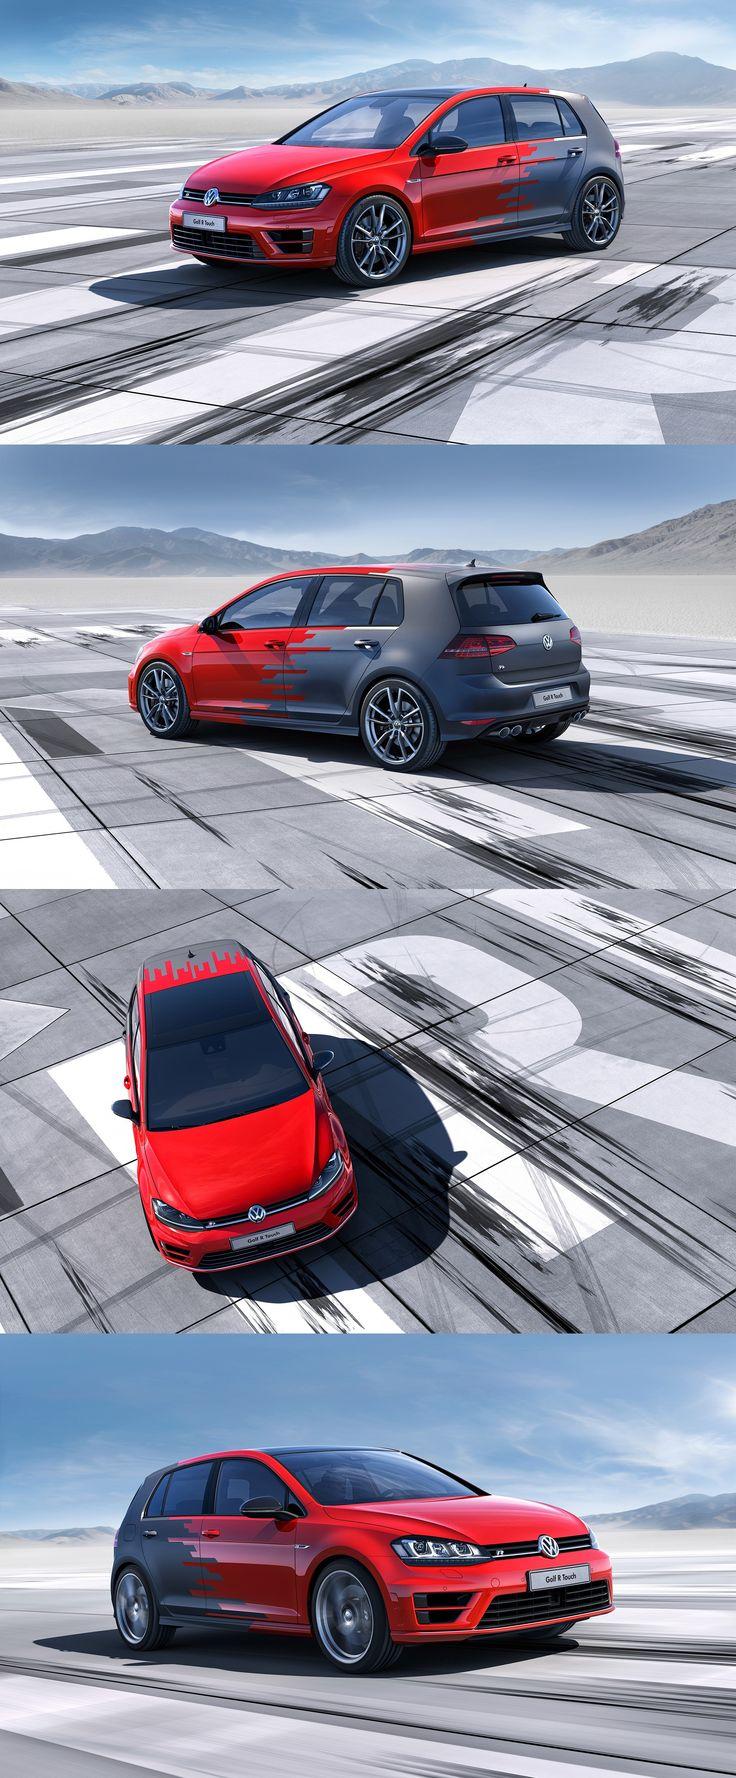 Volkswagen Golf R Touch Wrap. Www.ufx.dk